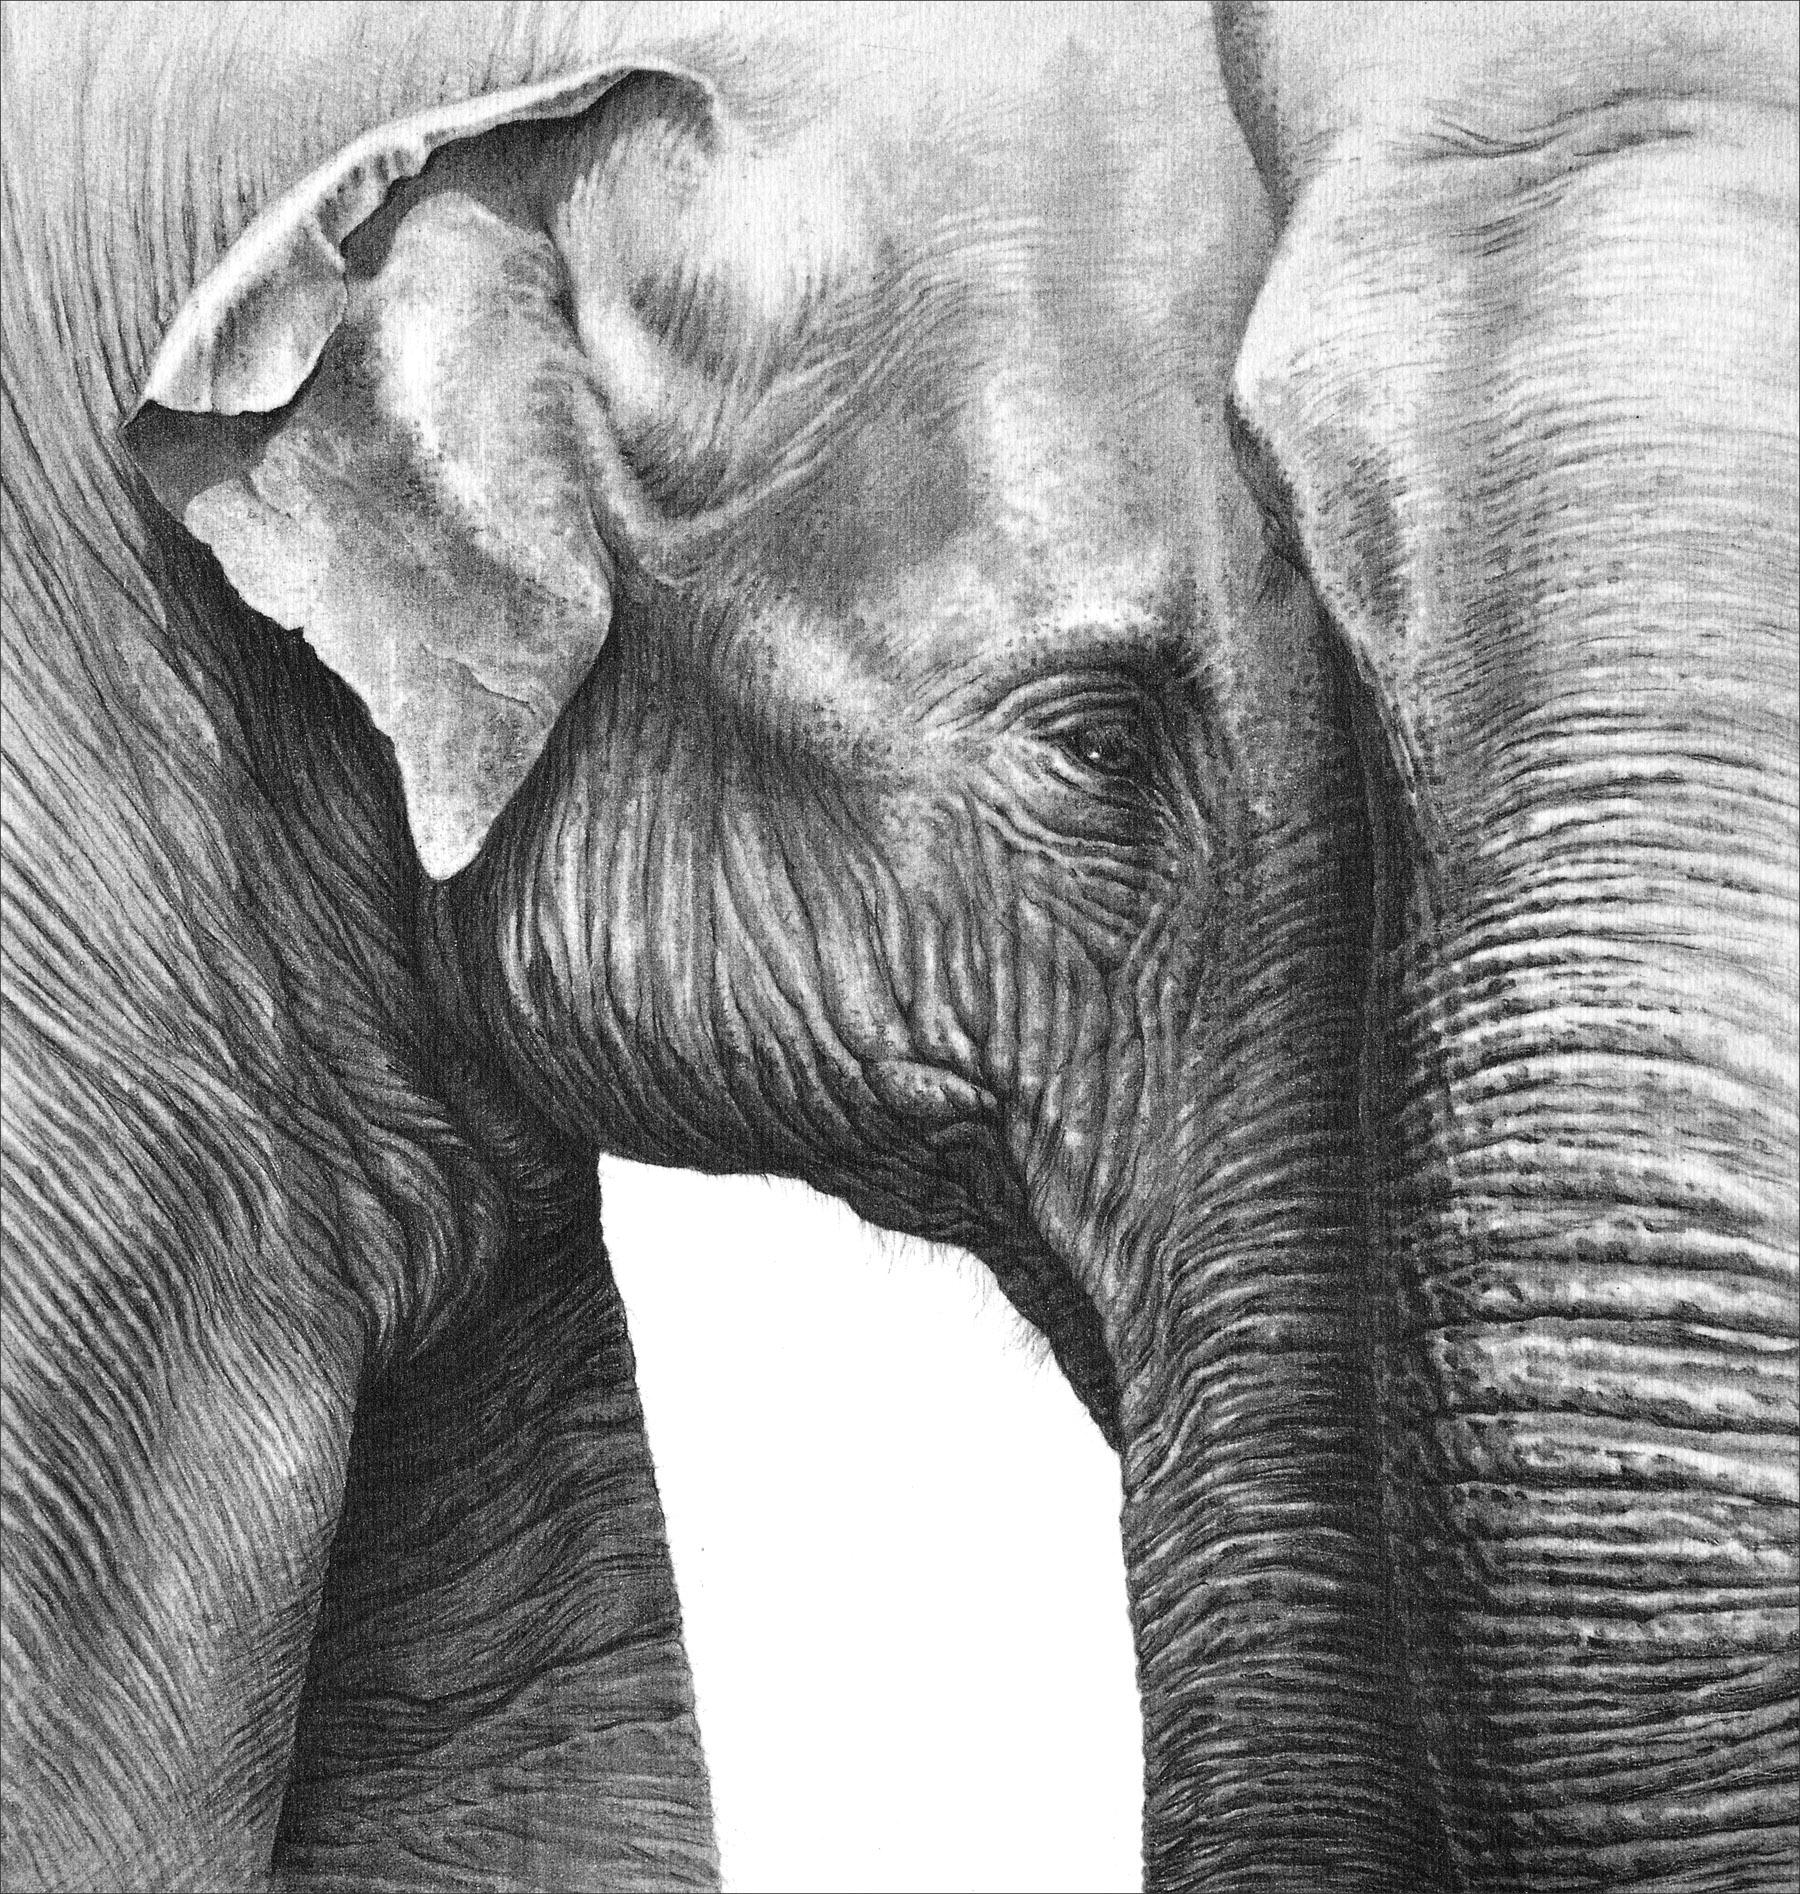 керчи слоники рисунок карандашом ещё сегодня